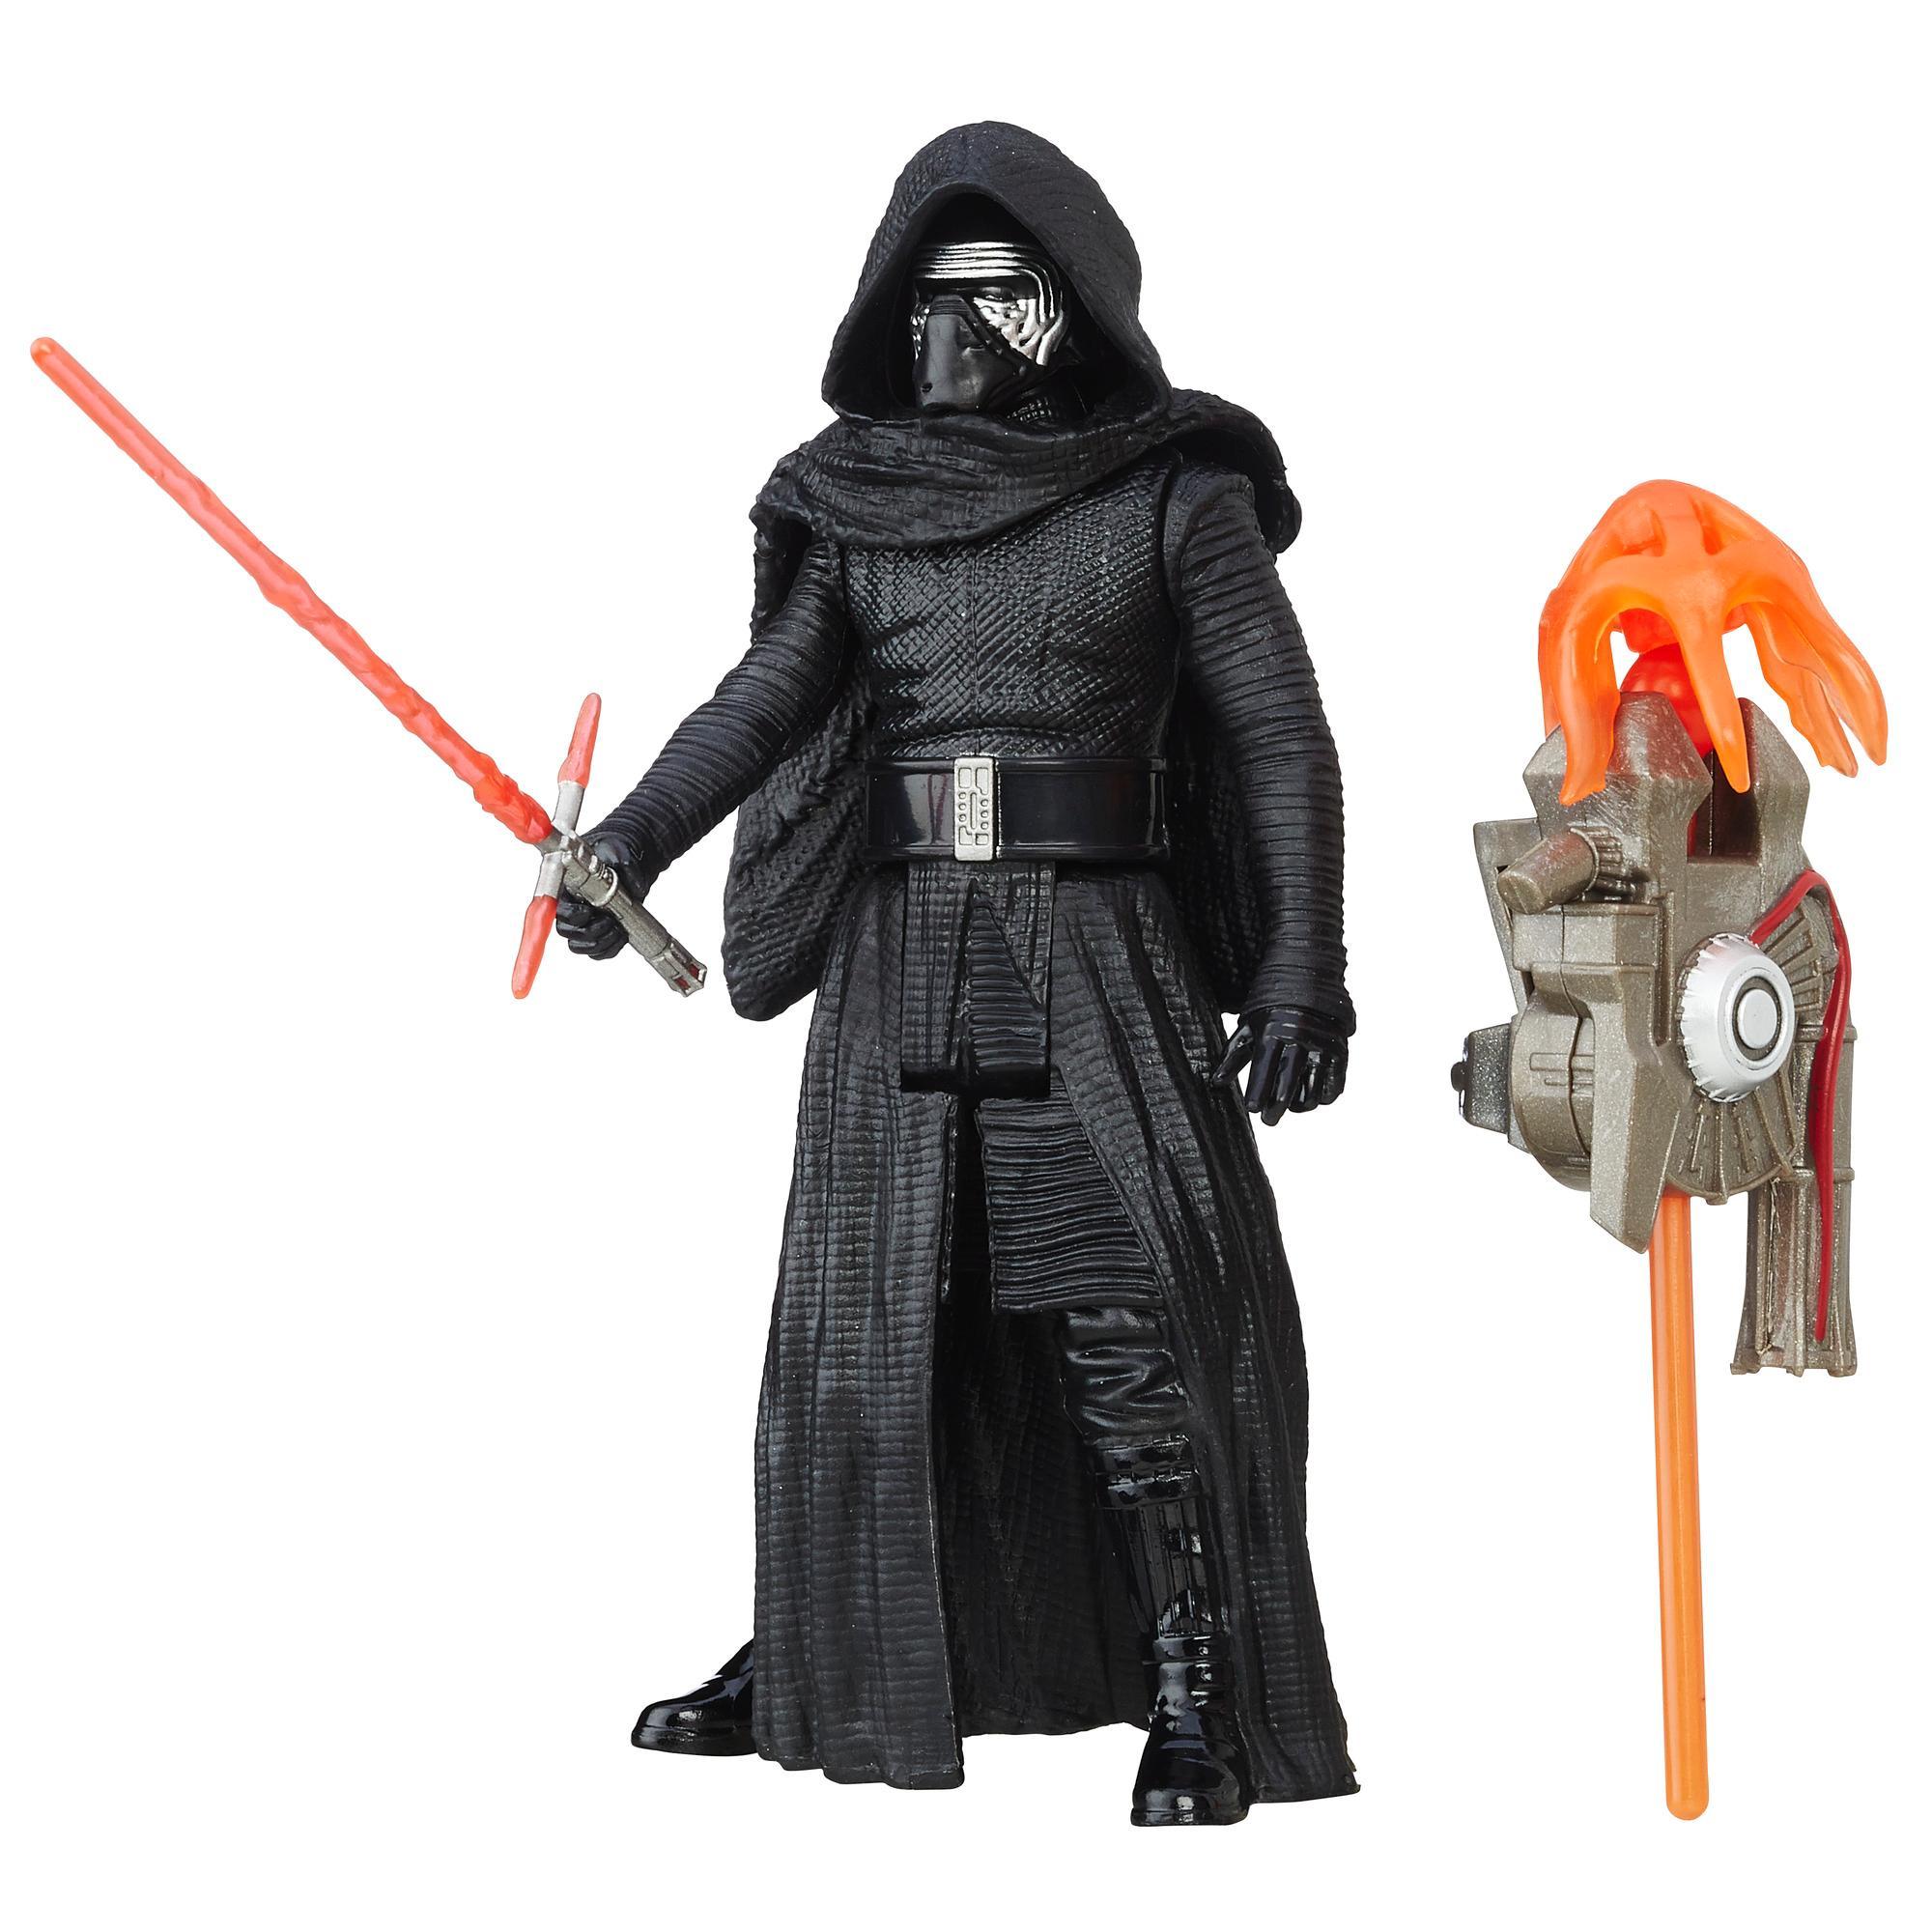 Star Wars El despertar de la Fuerza - Figura de 9,5 cm de Kylo Ren